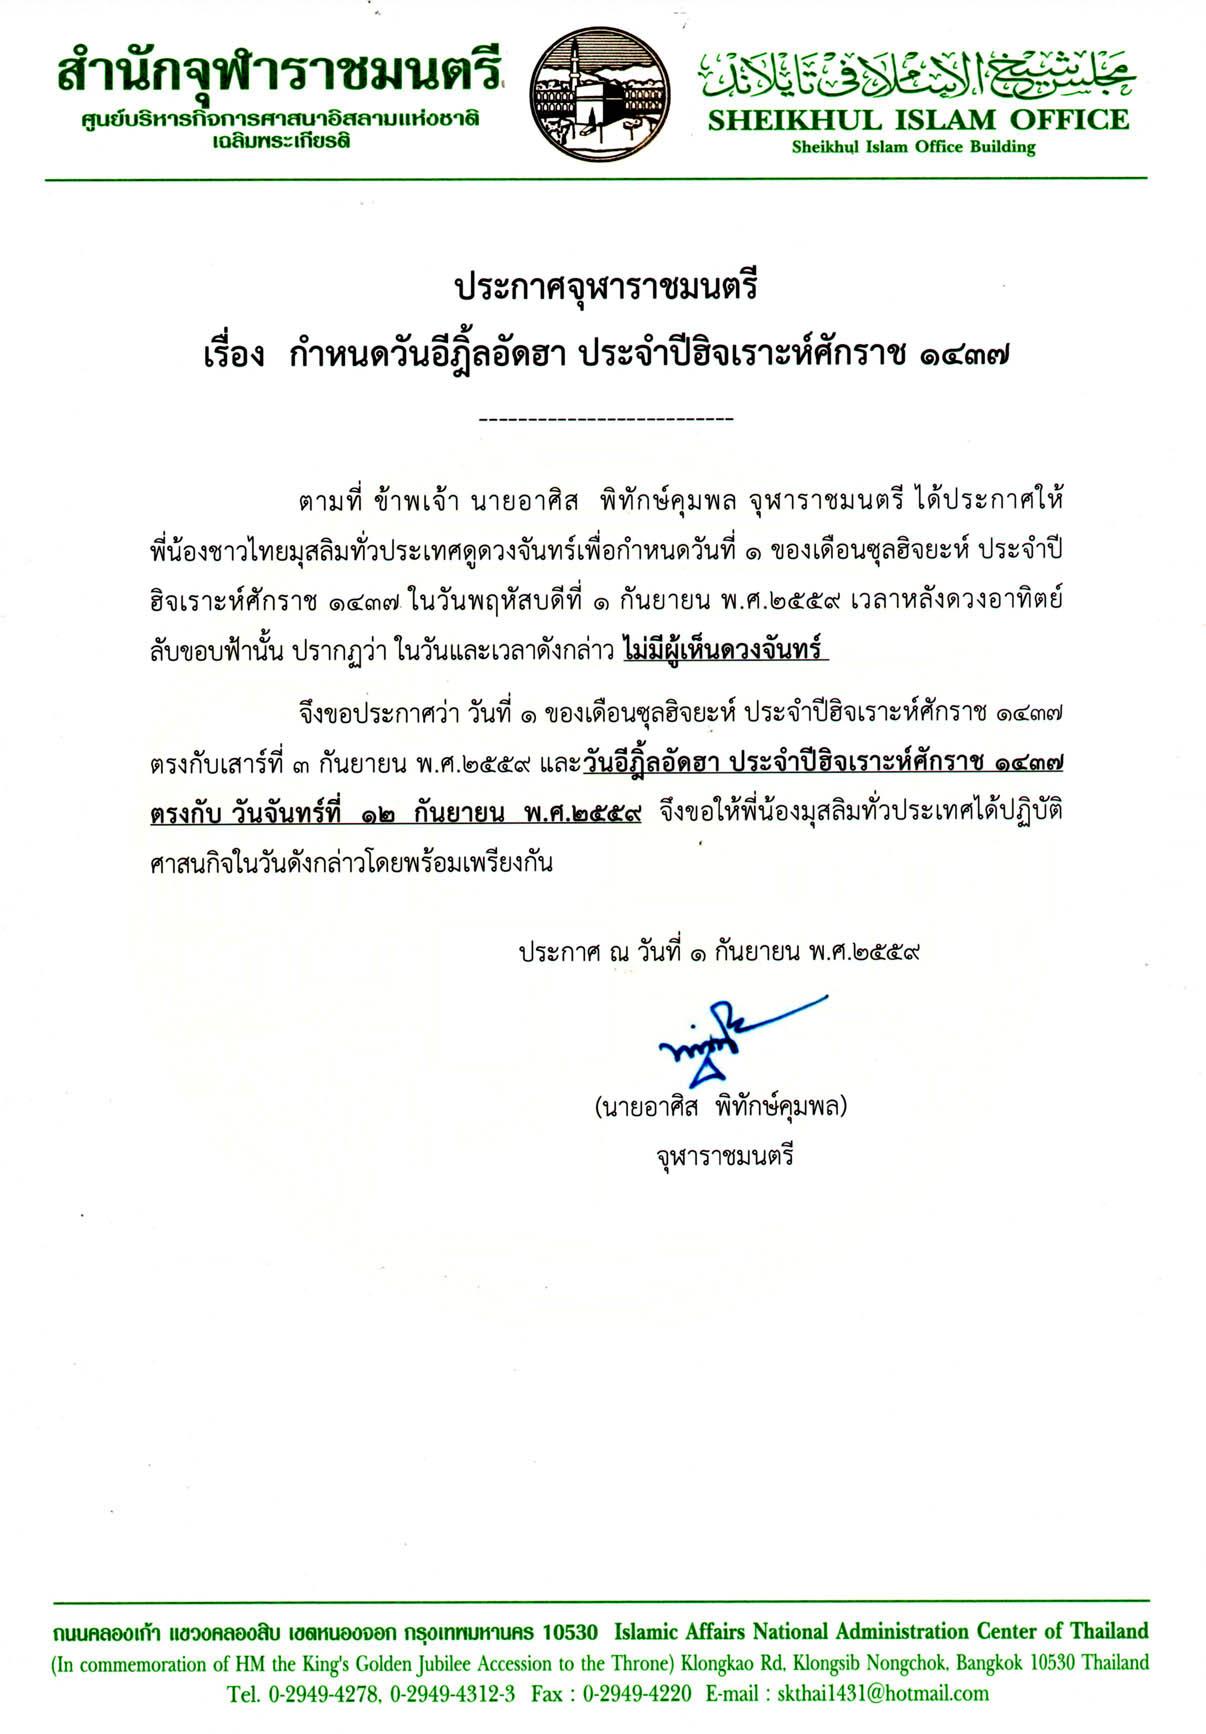 Aidiladha_SK_Thai_1437